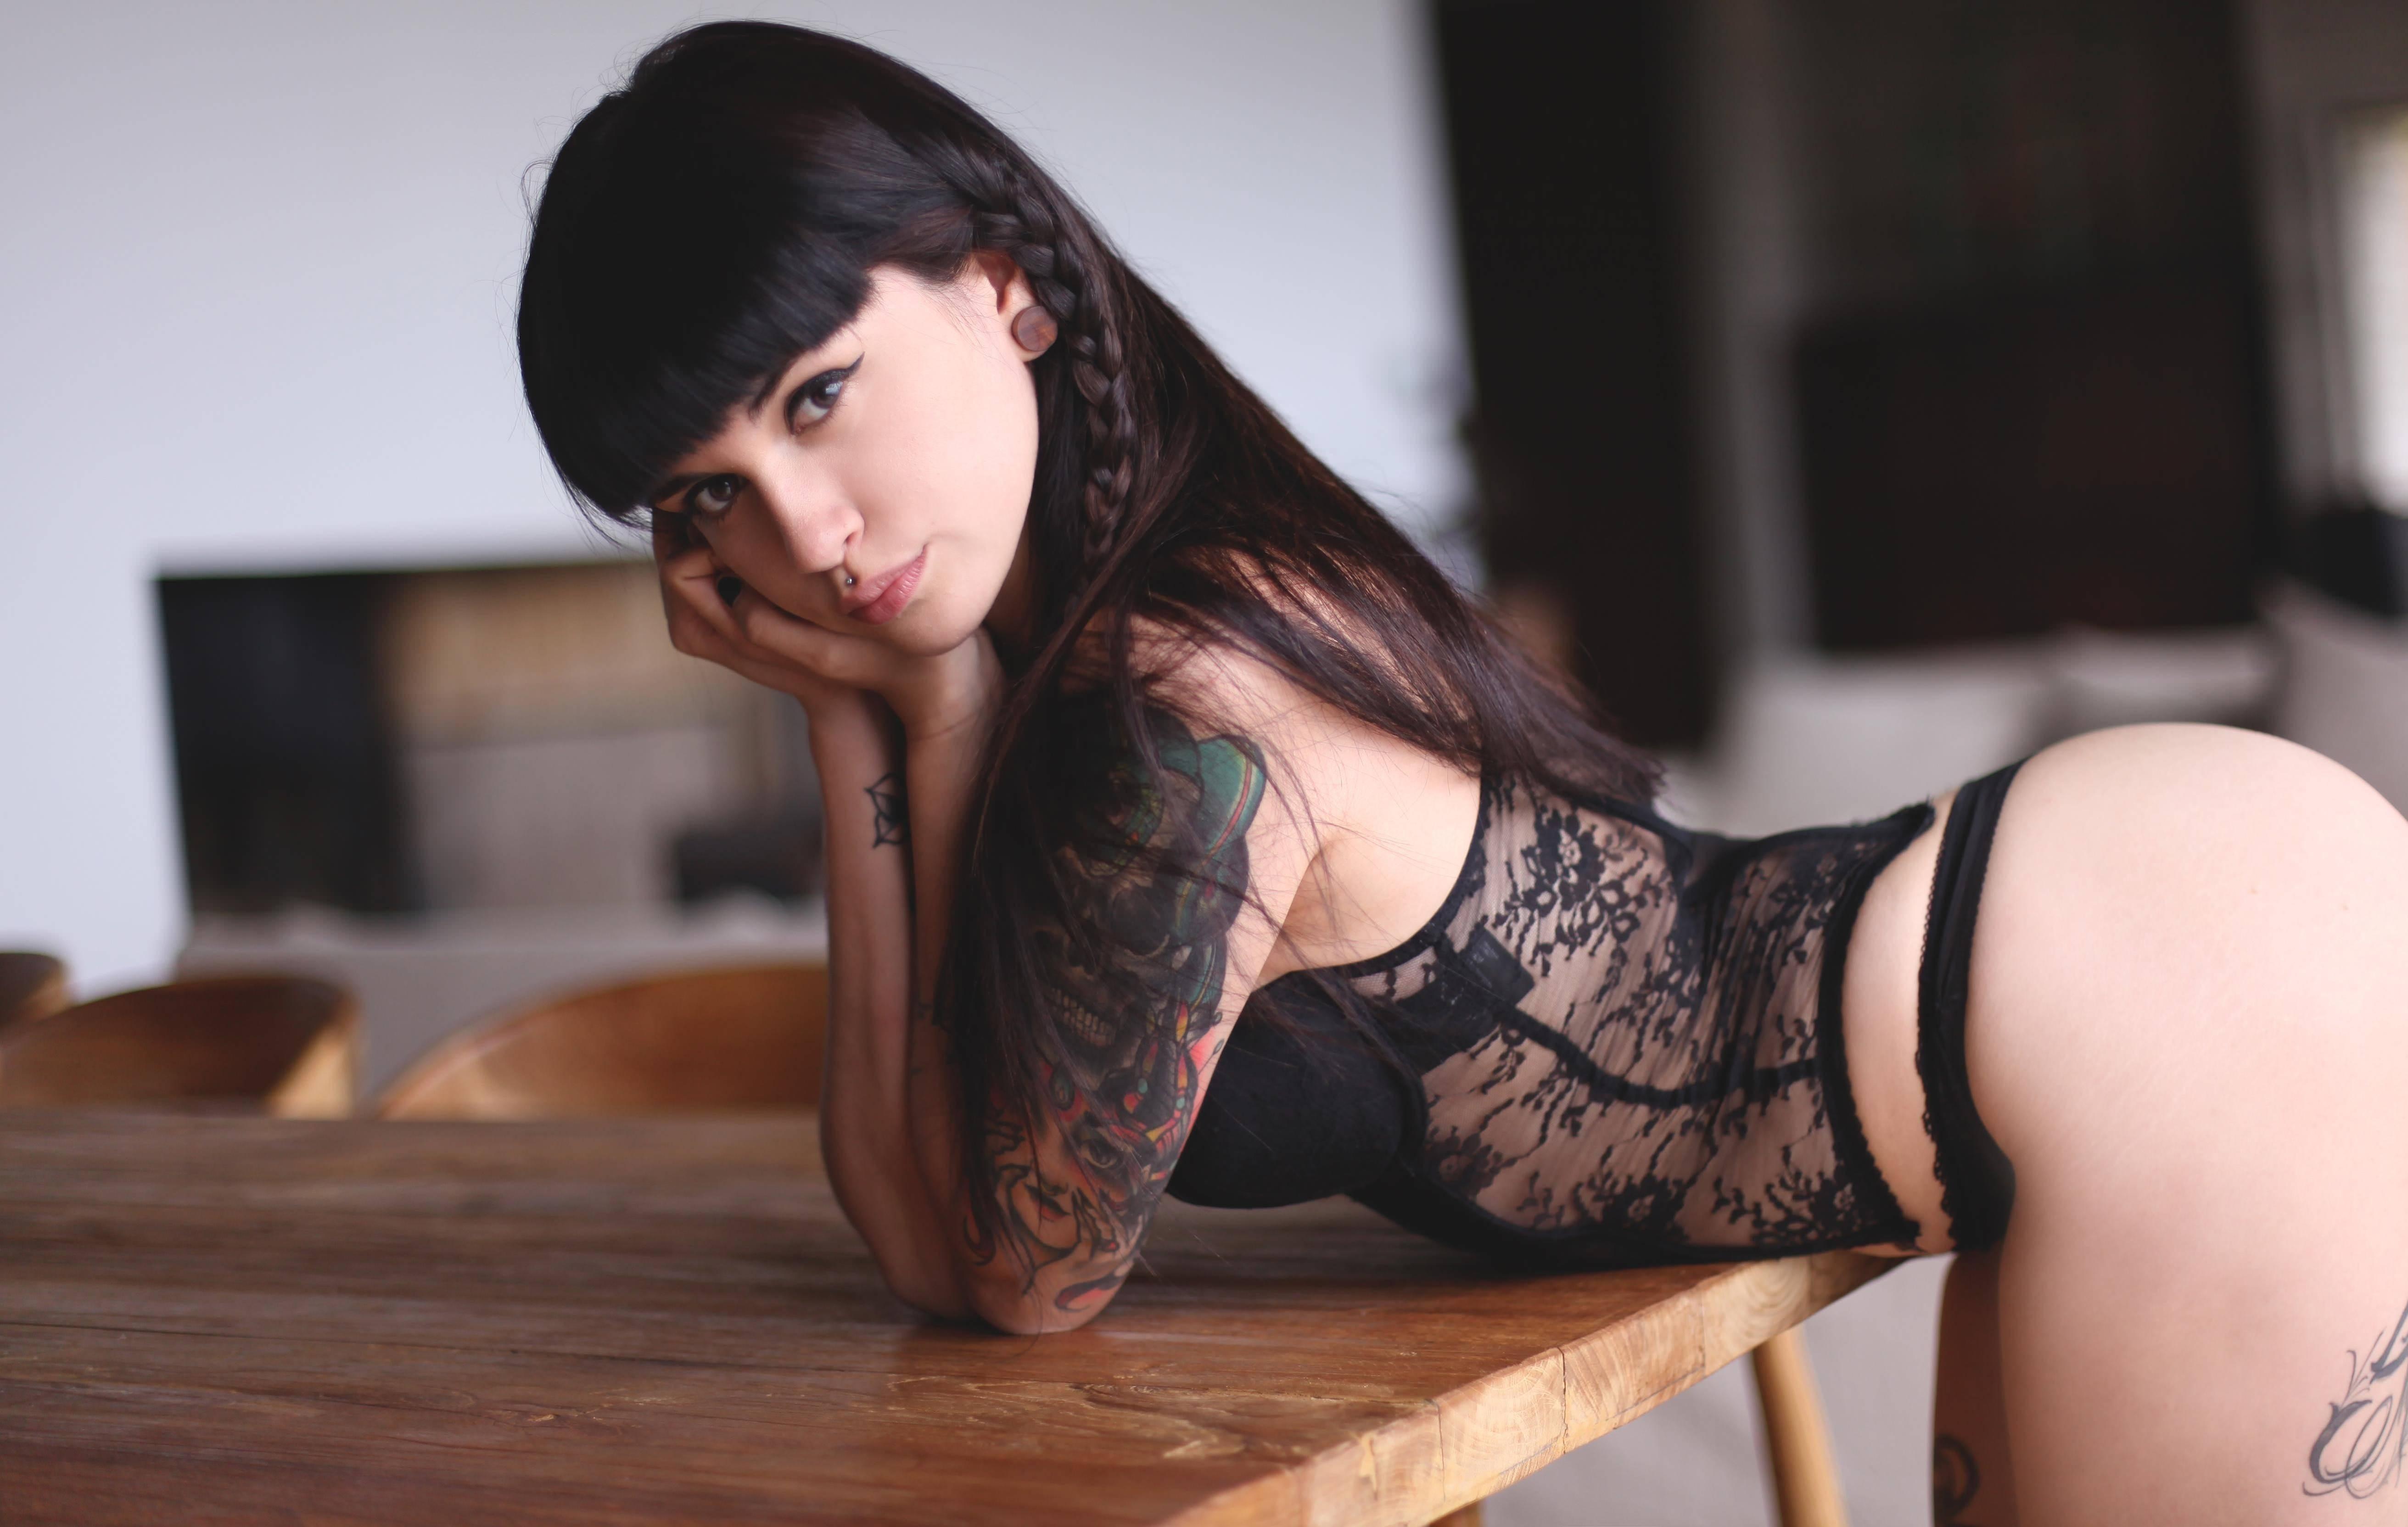 Фото Красивая брюнетка с косами в черной ночнушке наклонилась над столом, цветное тату на руке, скачать картинку бесплатно